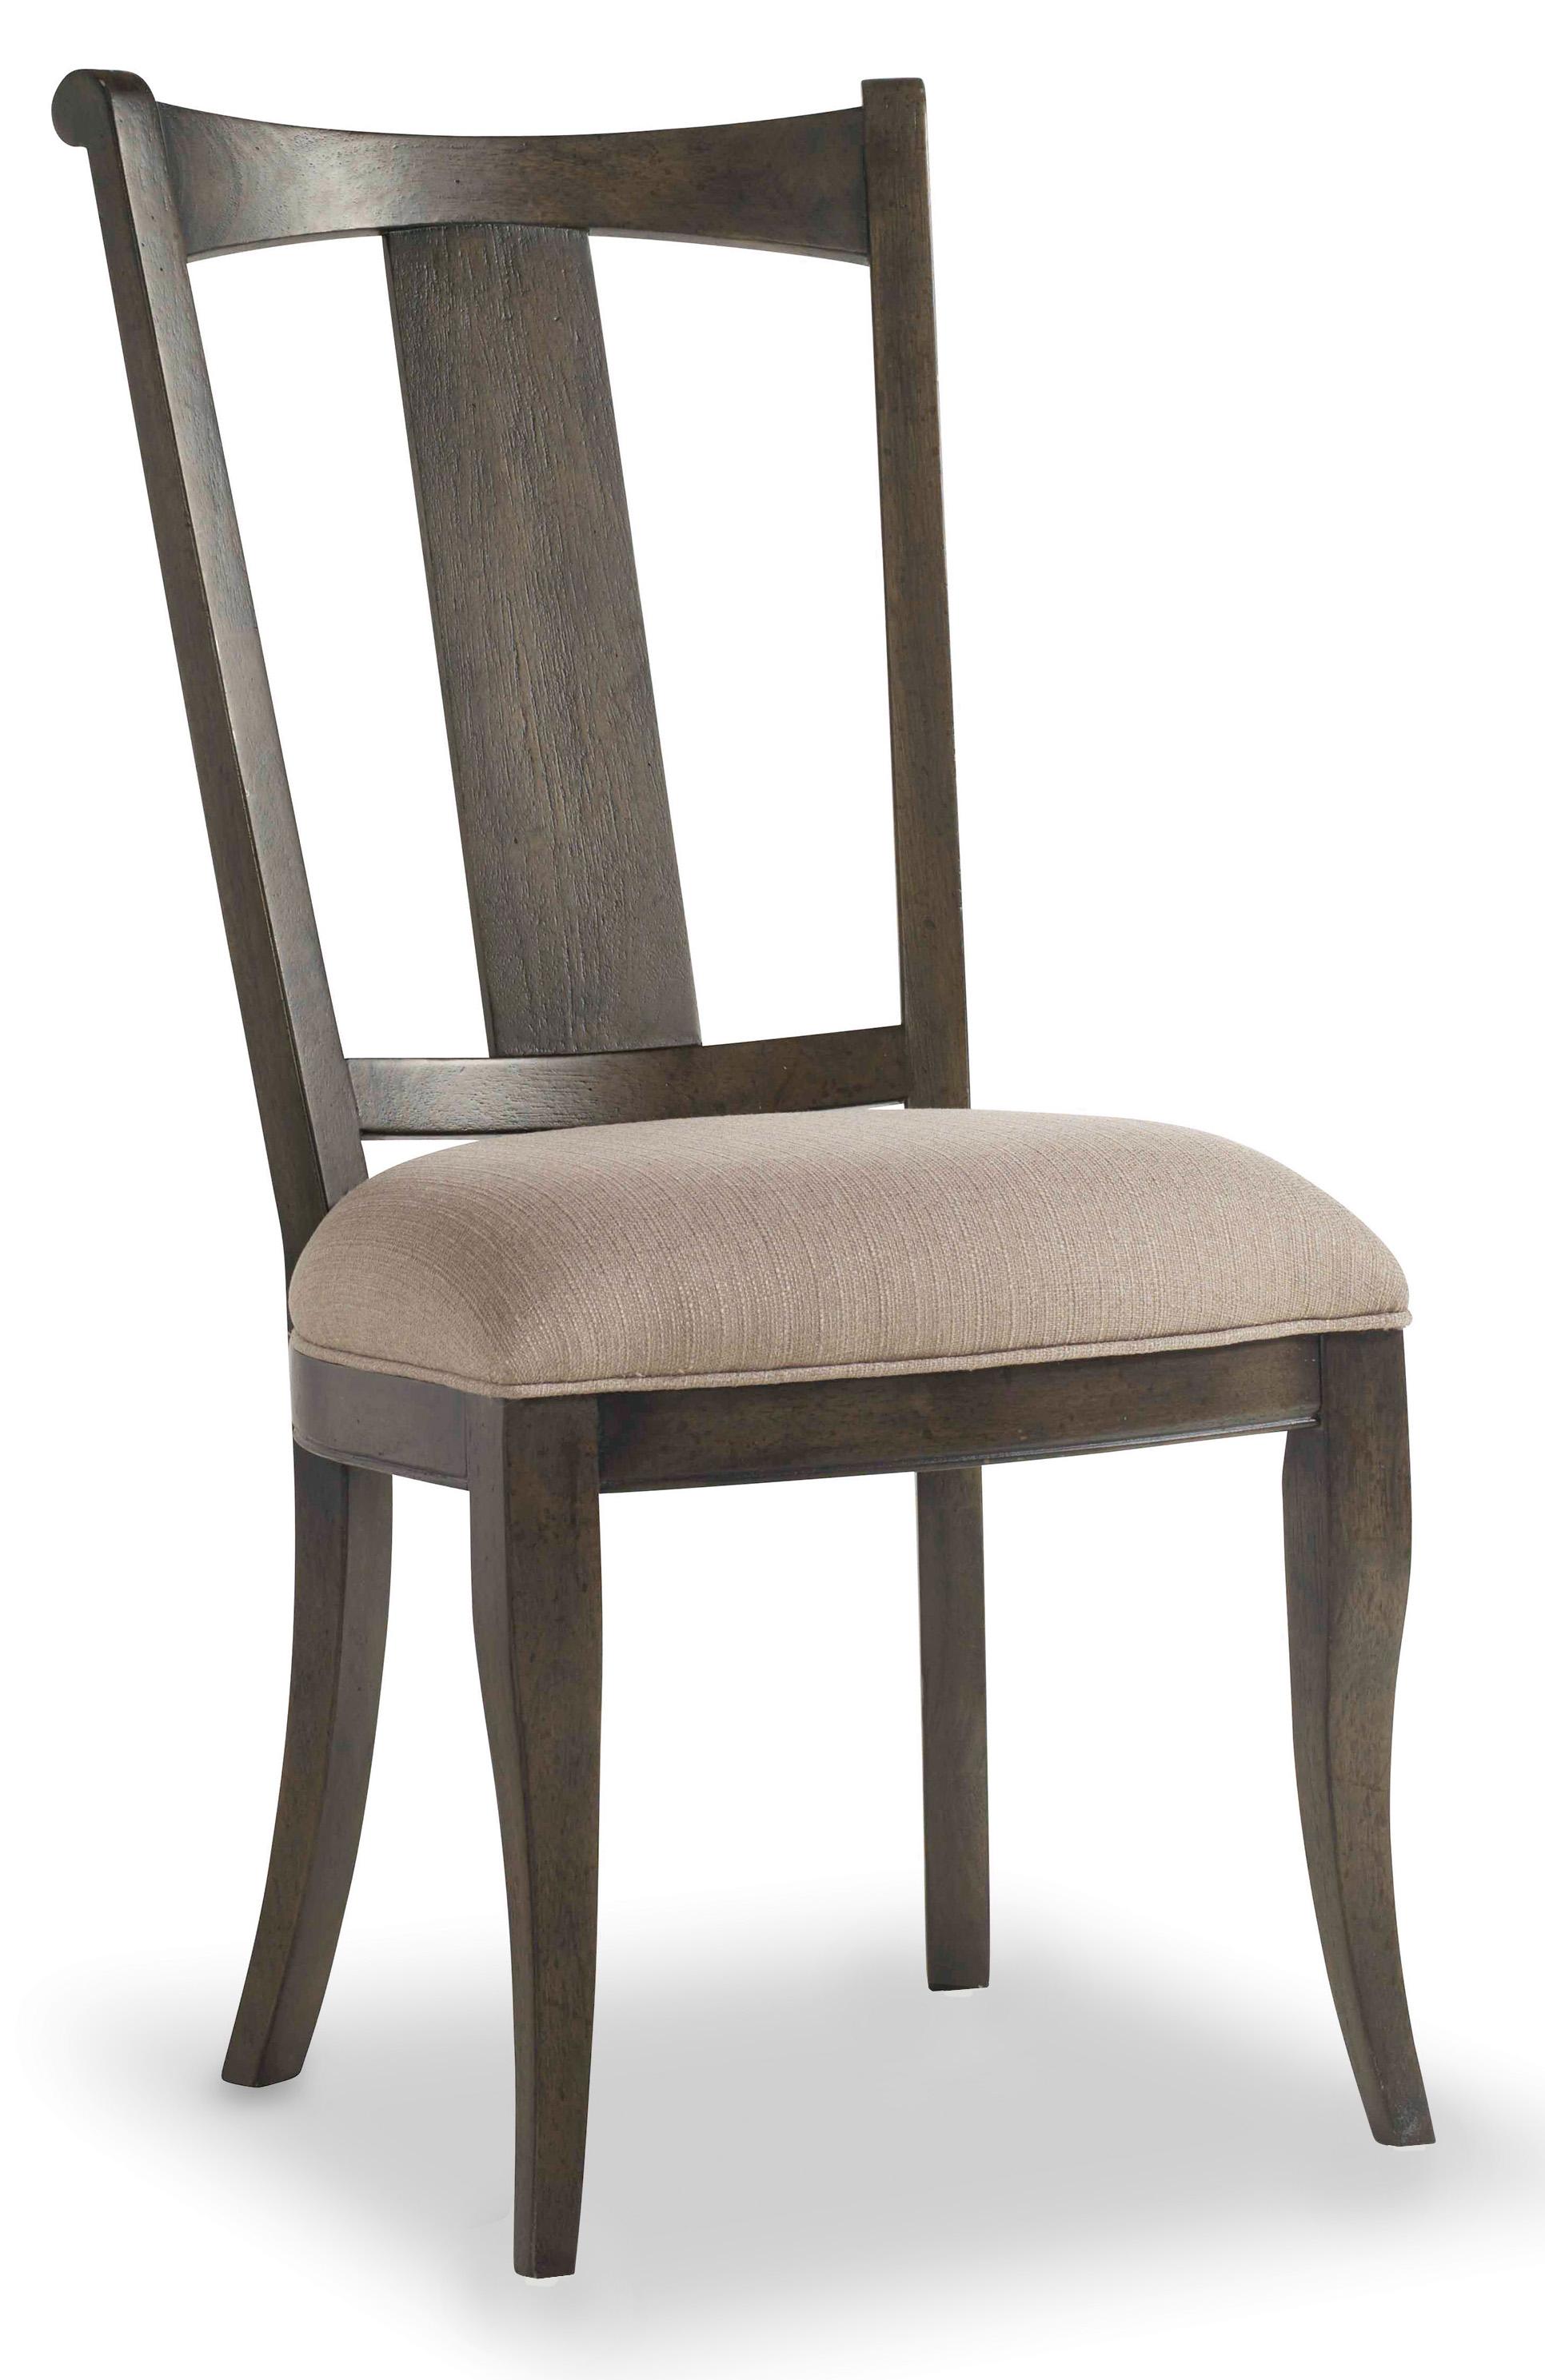 Hooker Furniture Vintage West Upholstered Splatback Side Chair With Splayed  Legs